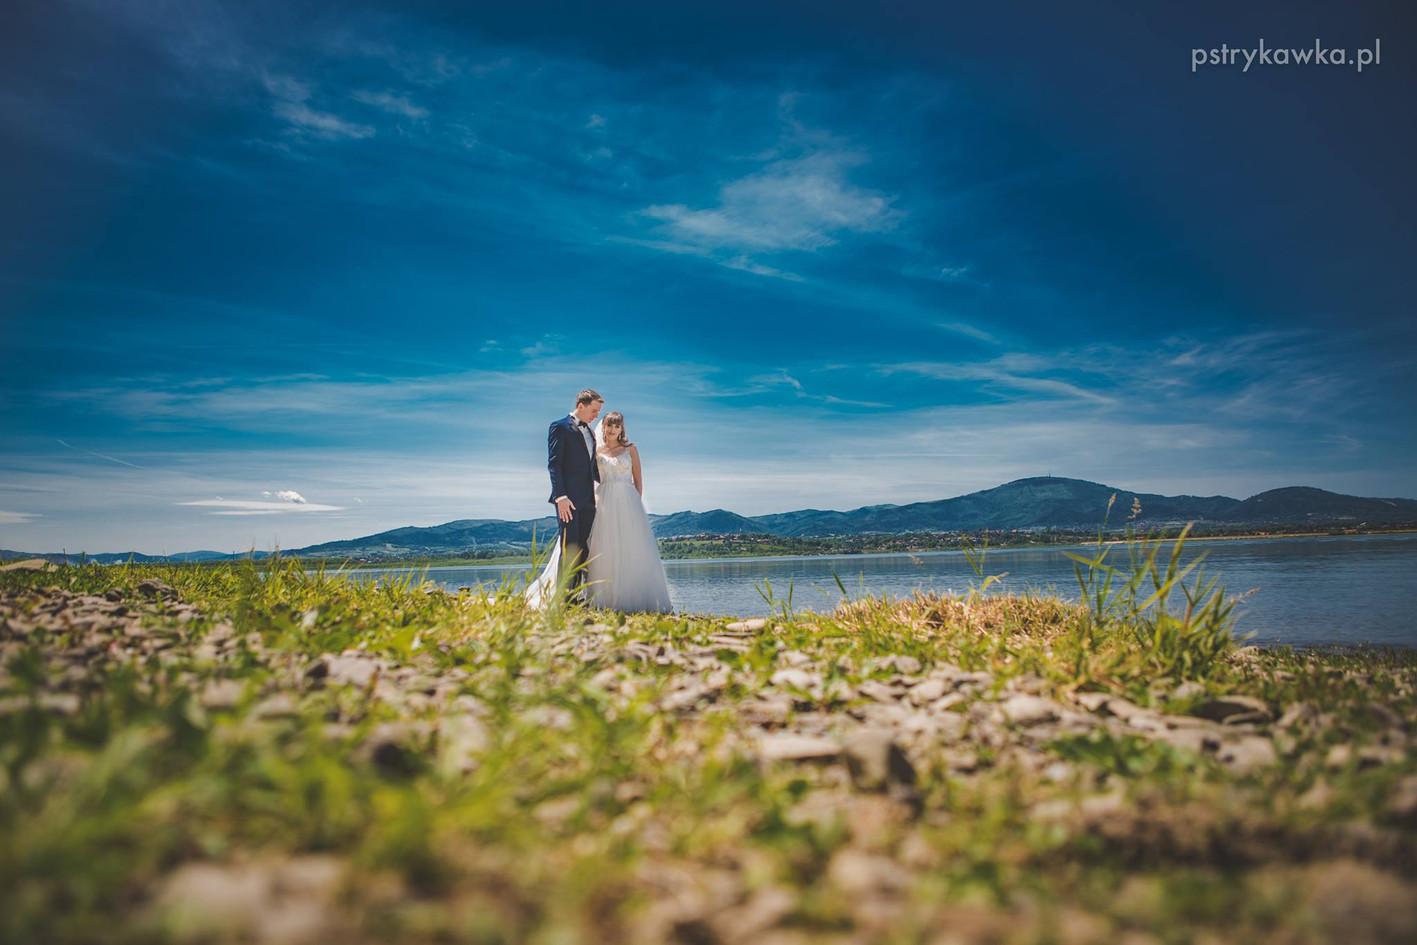 fotograf ślubny dąbrowa górnicza